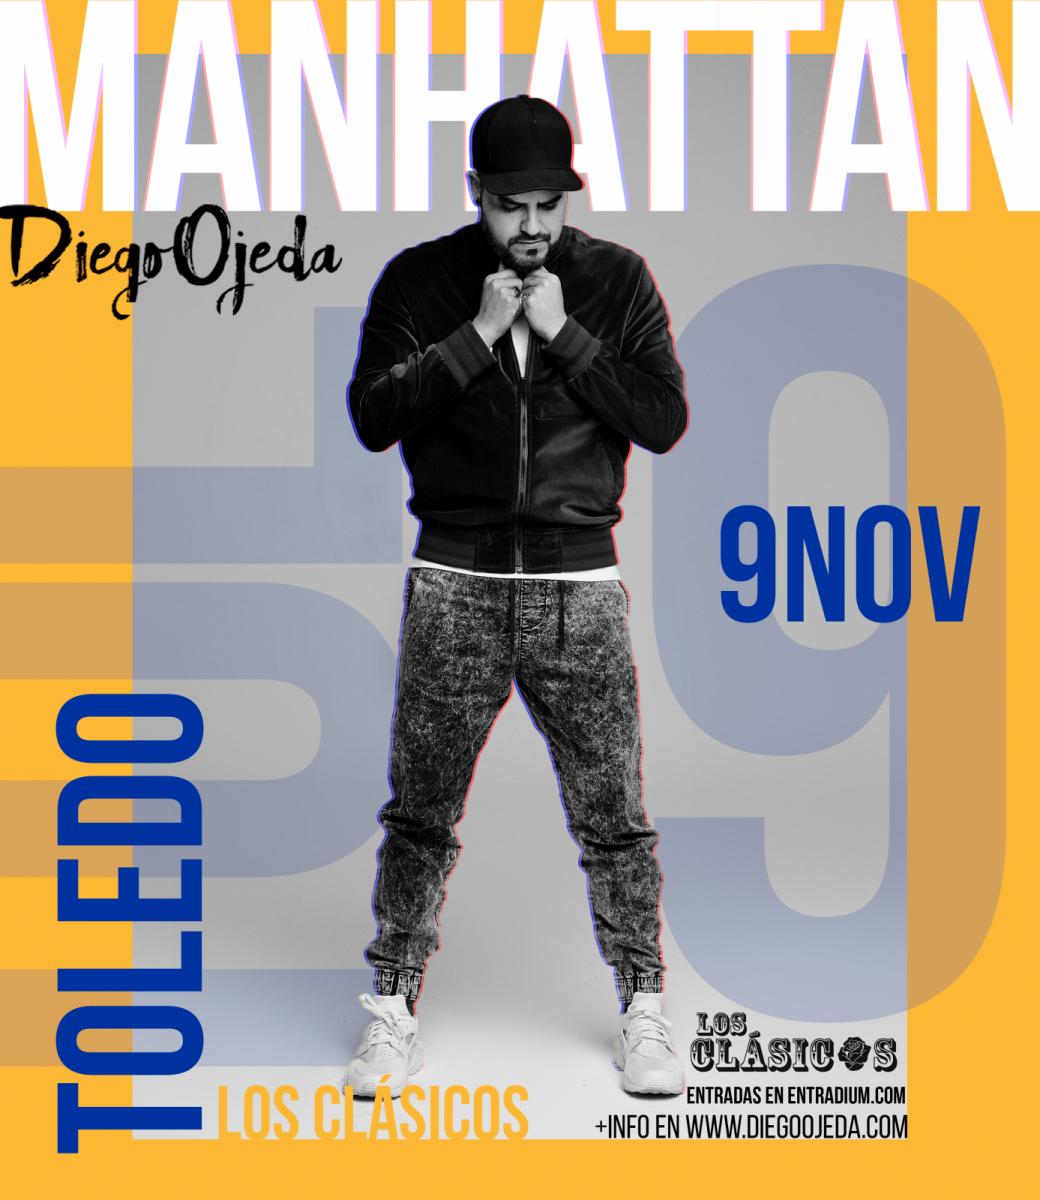 http://www.toledo.es/wp-content/uploads/2018/10/diego-ojeda-1040x1200.png. DIEGO OJEDA